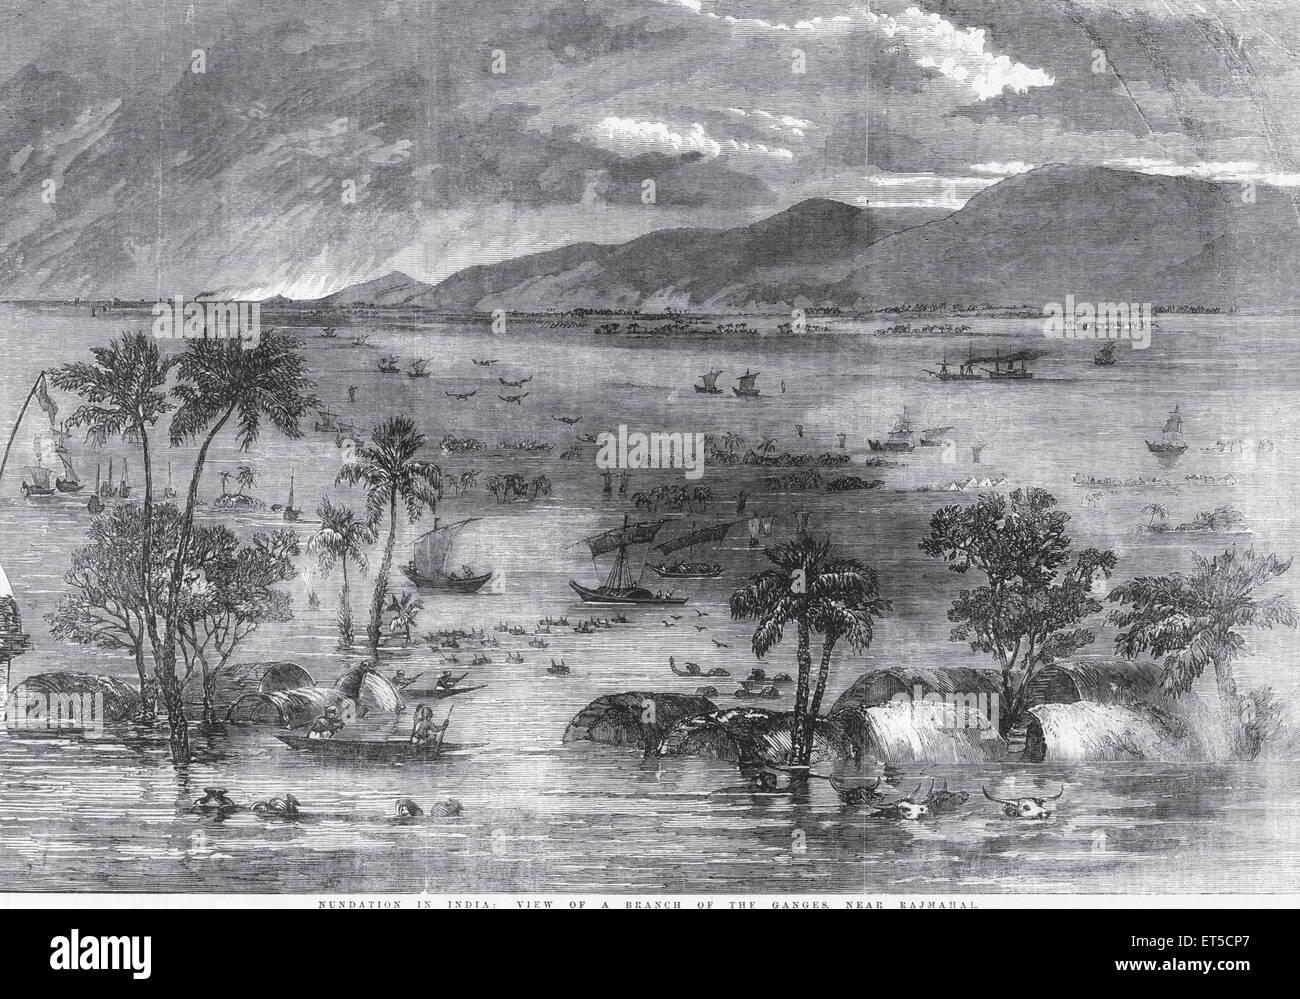 Allgemeine Ansicht Überschwemmung in Indien Blick auf einen Zweig des Ganges in der Nähe von Rajmahal; Stockbild